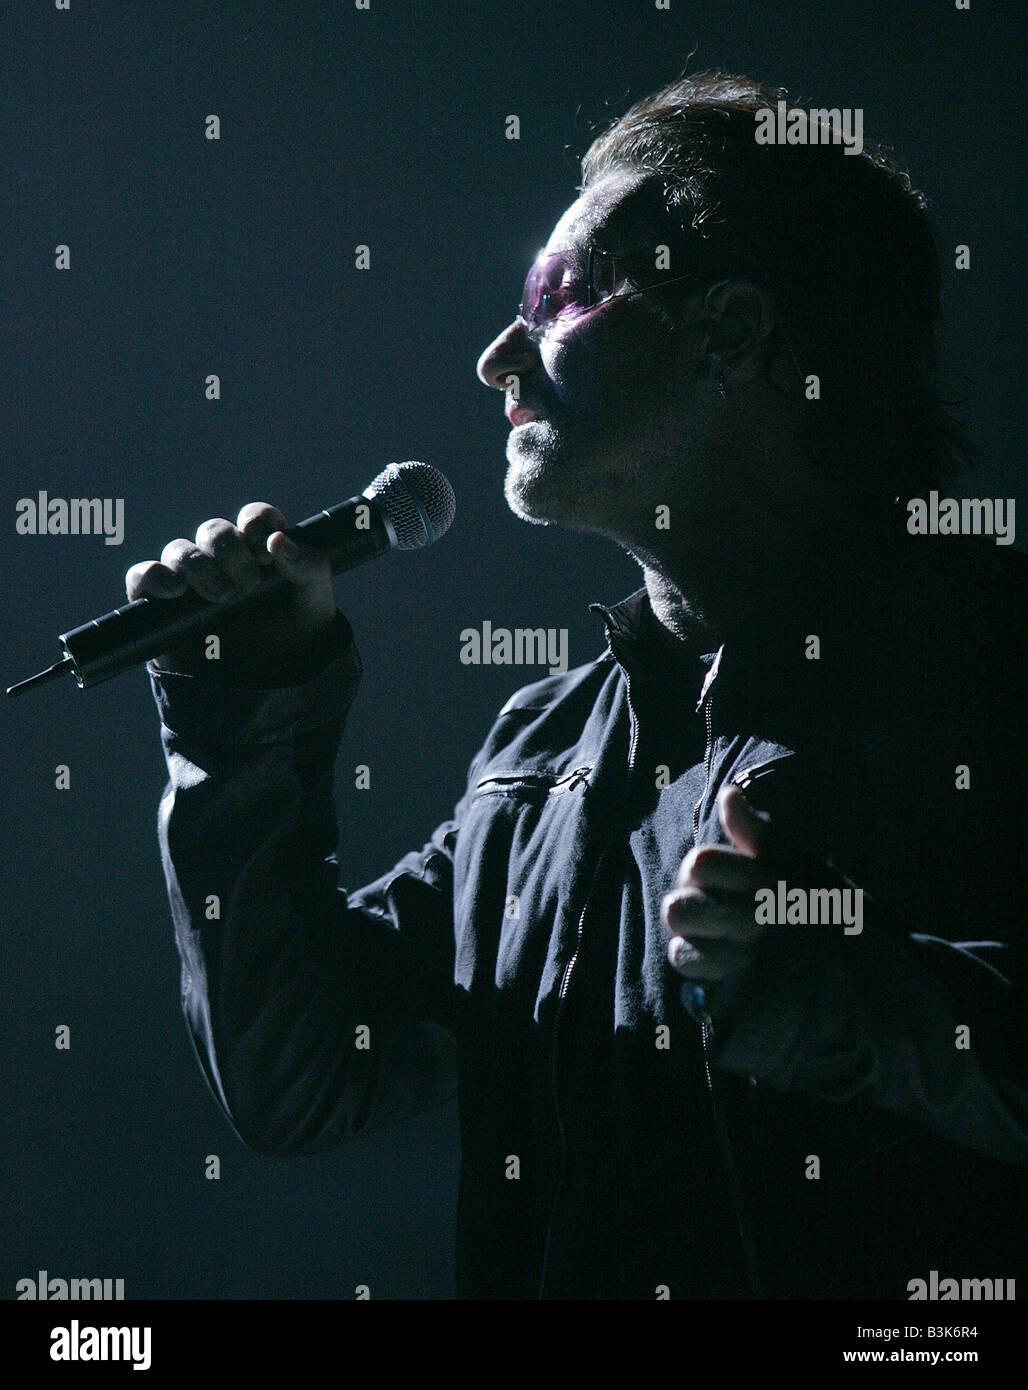 U2  Irish rock group with Bono in 2005 - Stock Image